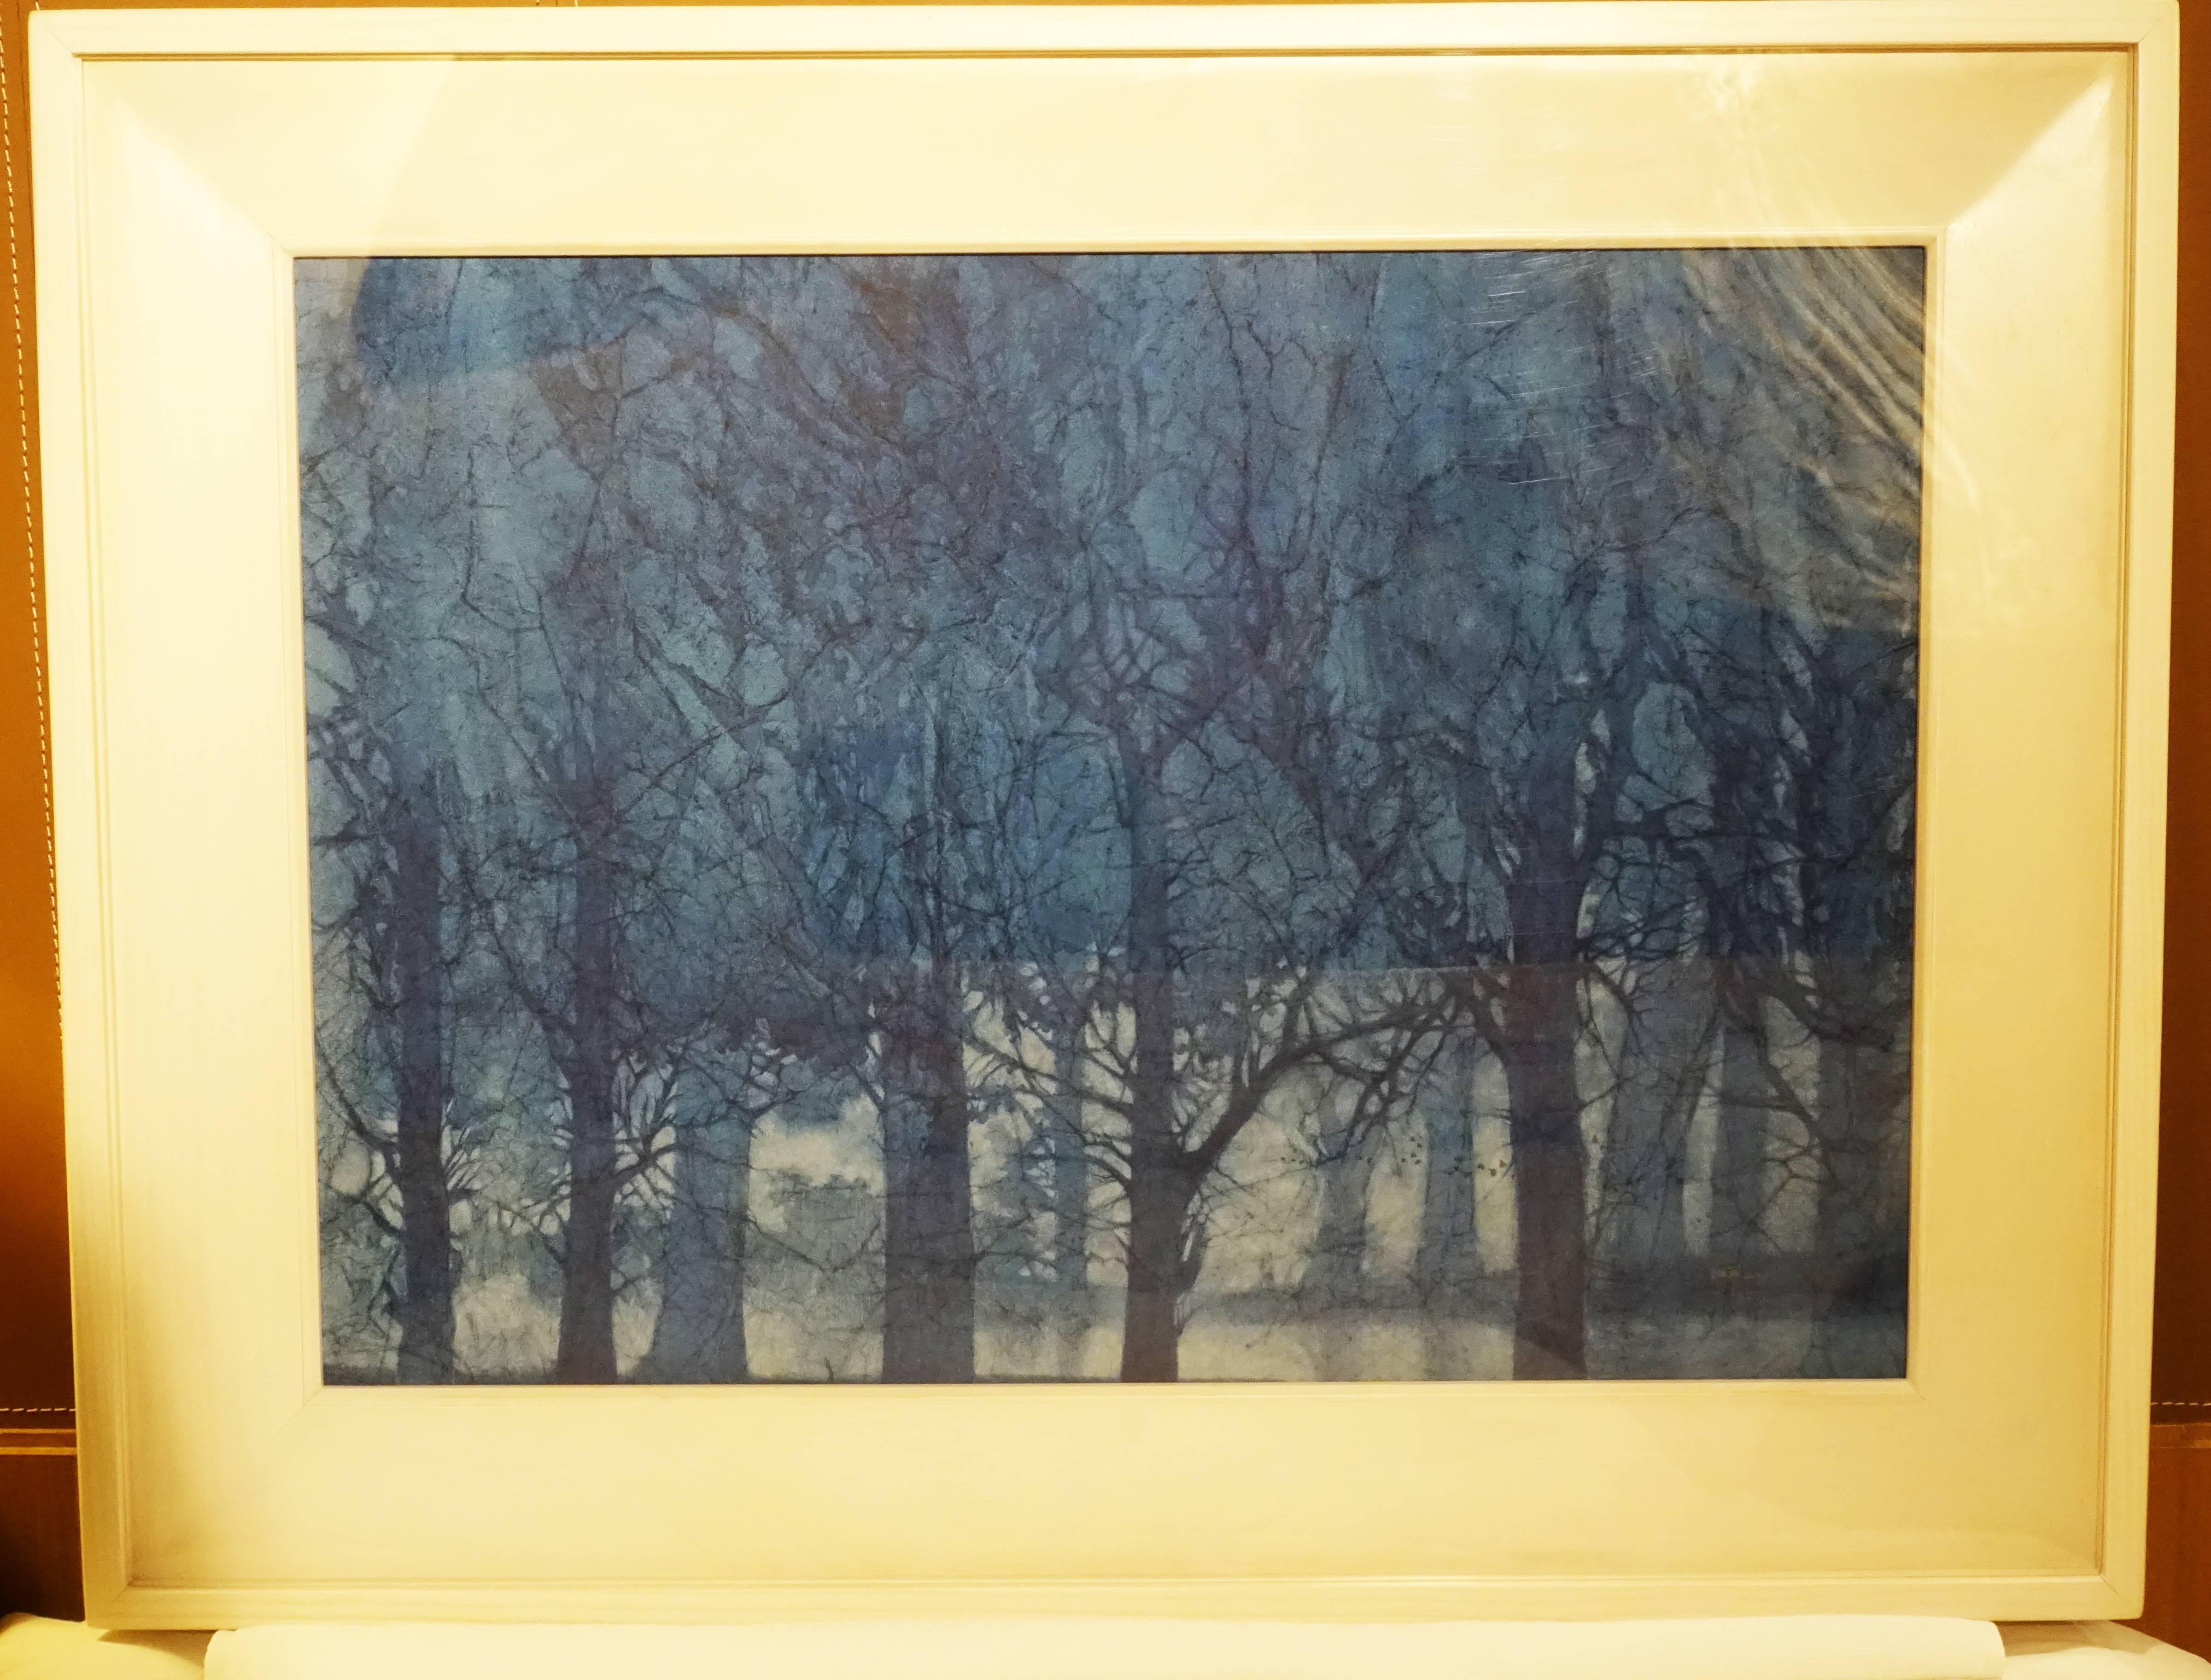 藤藝廊藝術家 - 黃耀華,《燕歸》,53 x 76 cm ,紙本水彩。